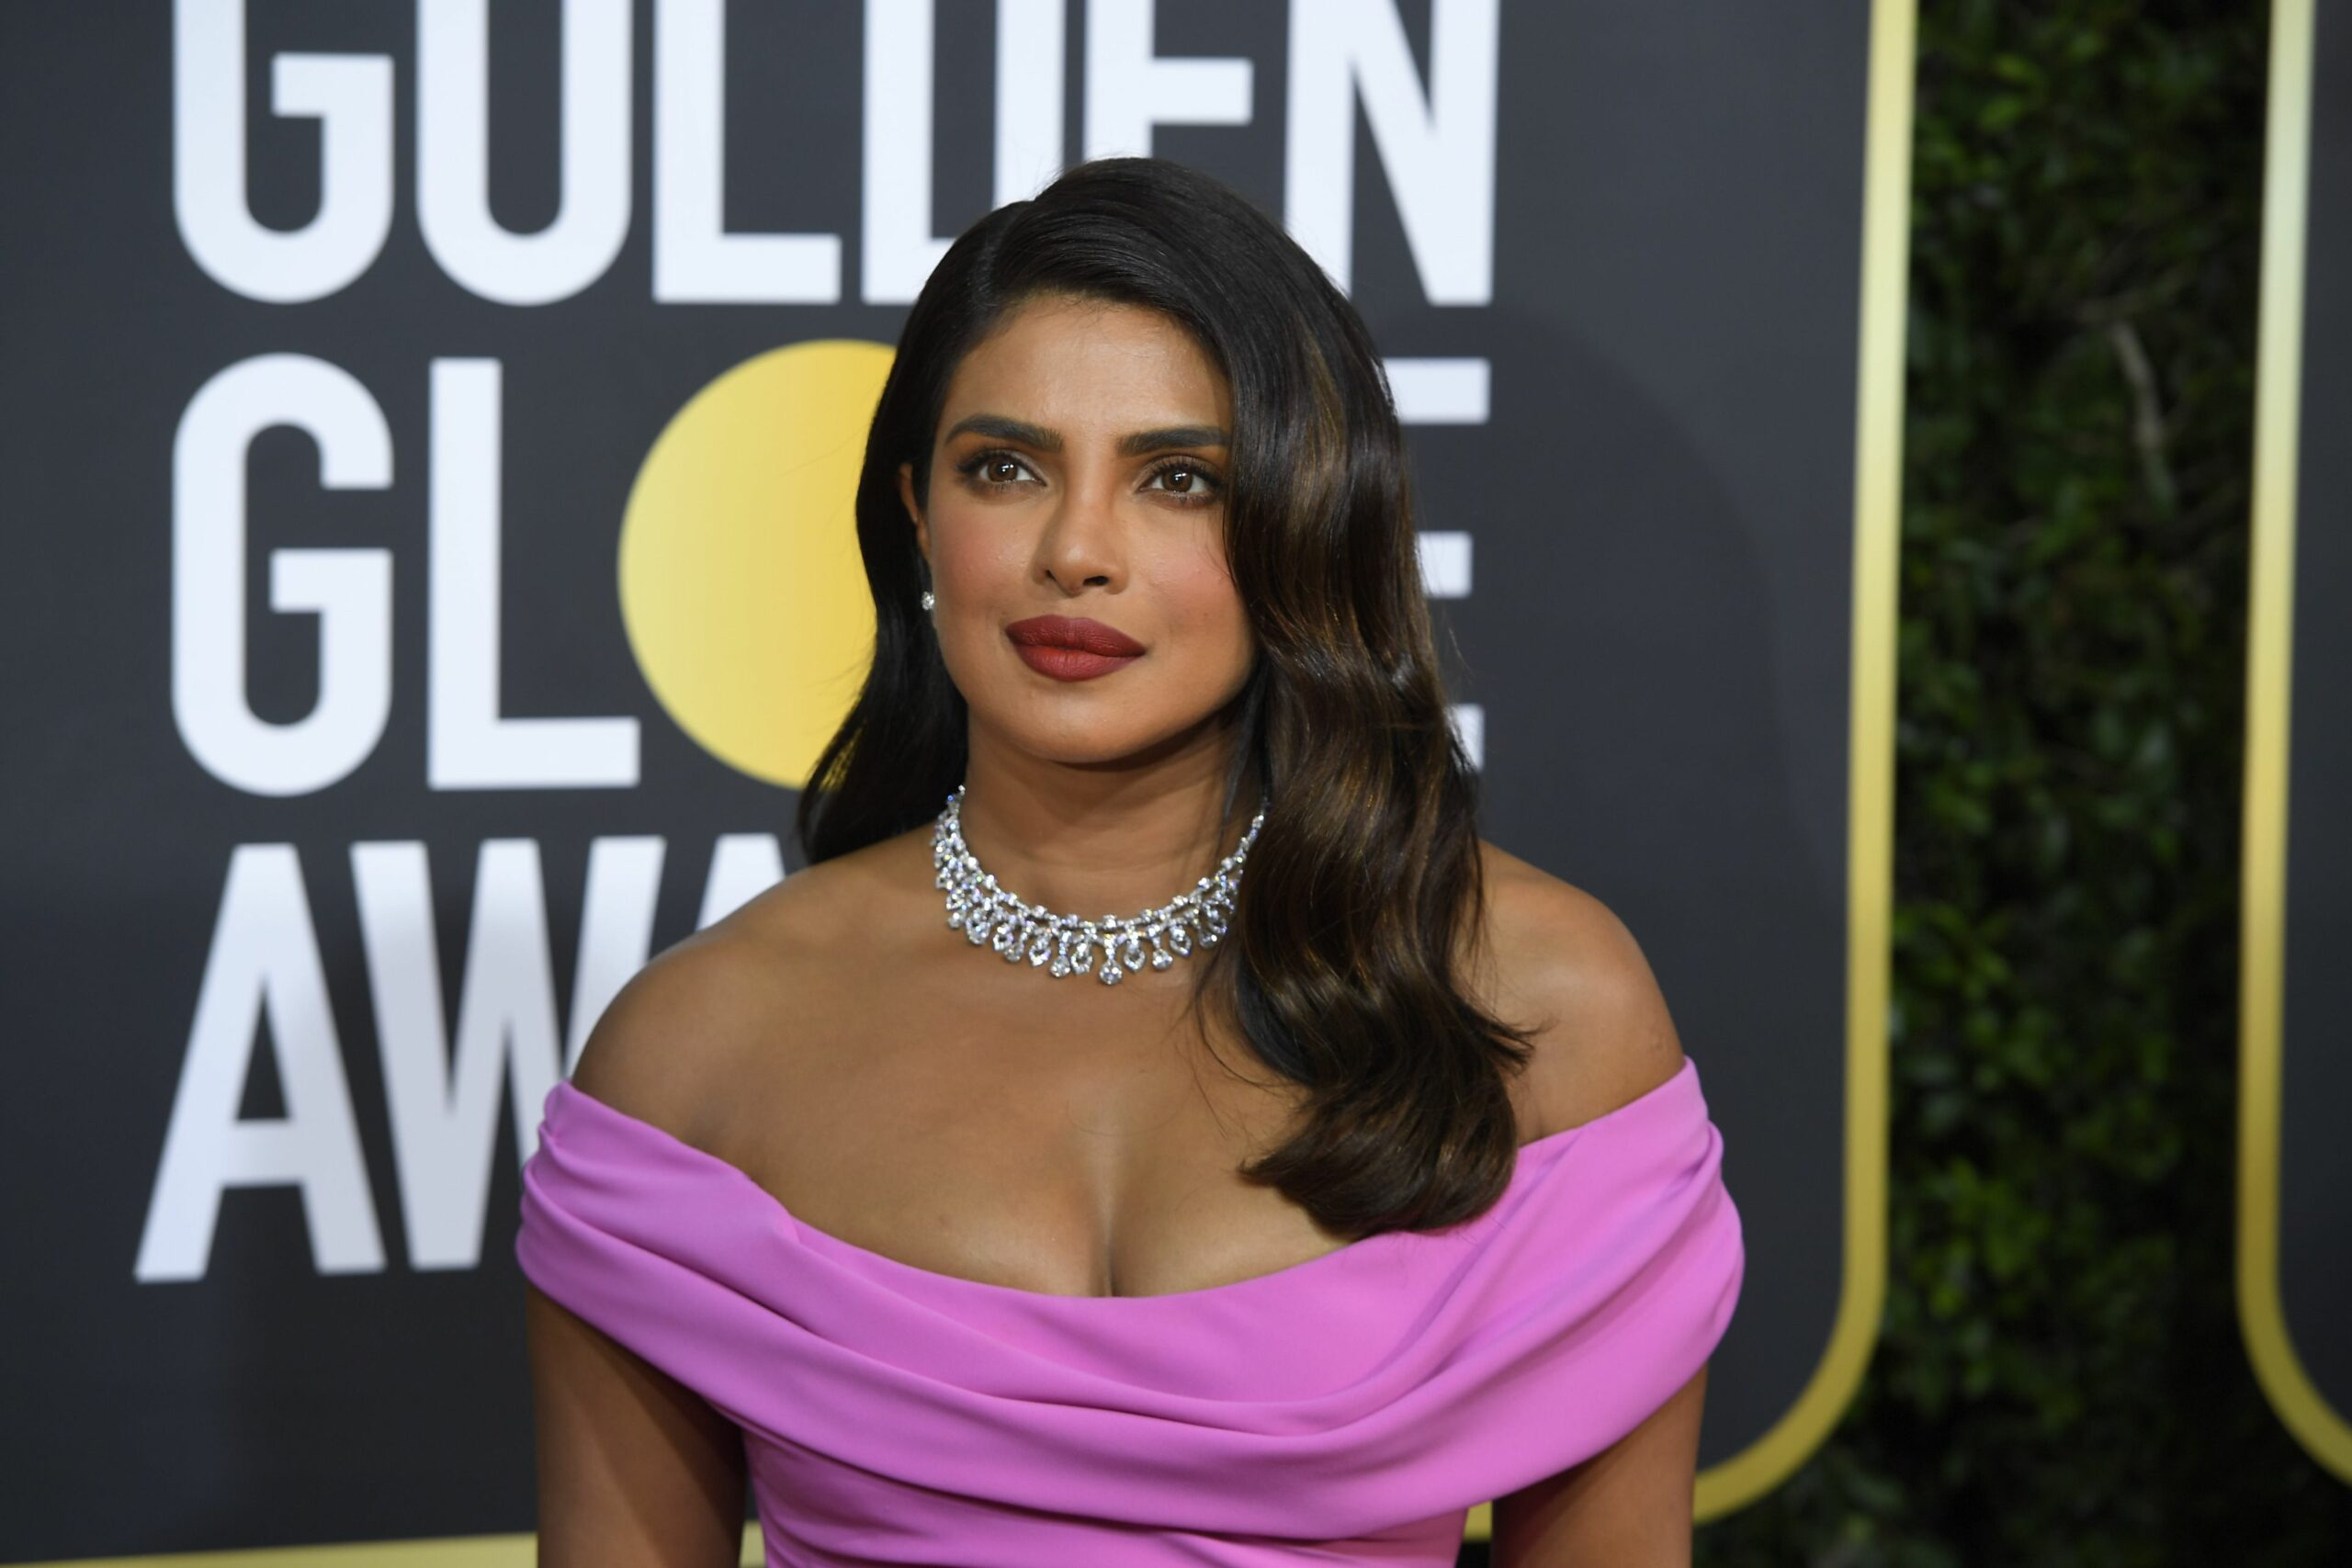 Priyanka Chopra îmbrăcată într- rochie mov cu umerii dezgoliți și un colier pe covorul rosu de la Golden Globe Awards